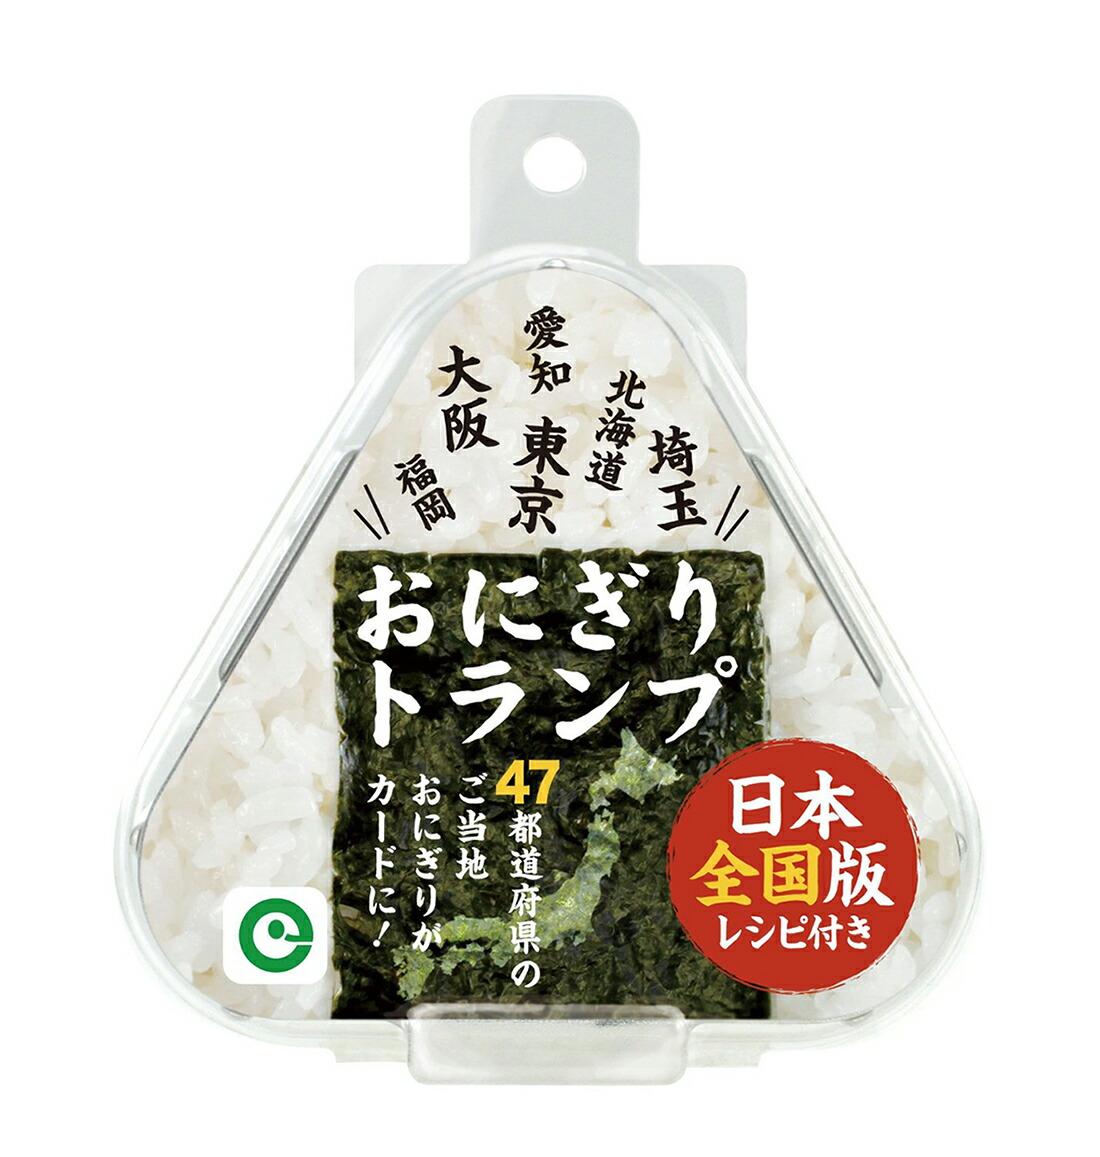 おにぎりトランプ 日本全国版 日本のごはん